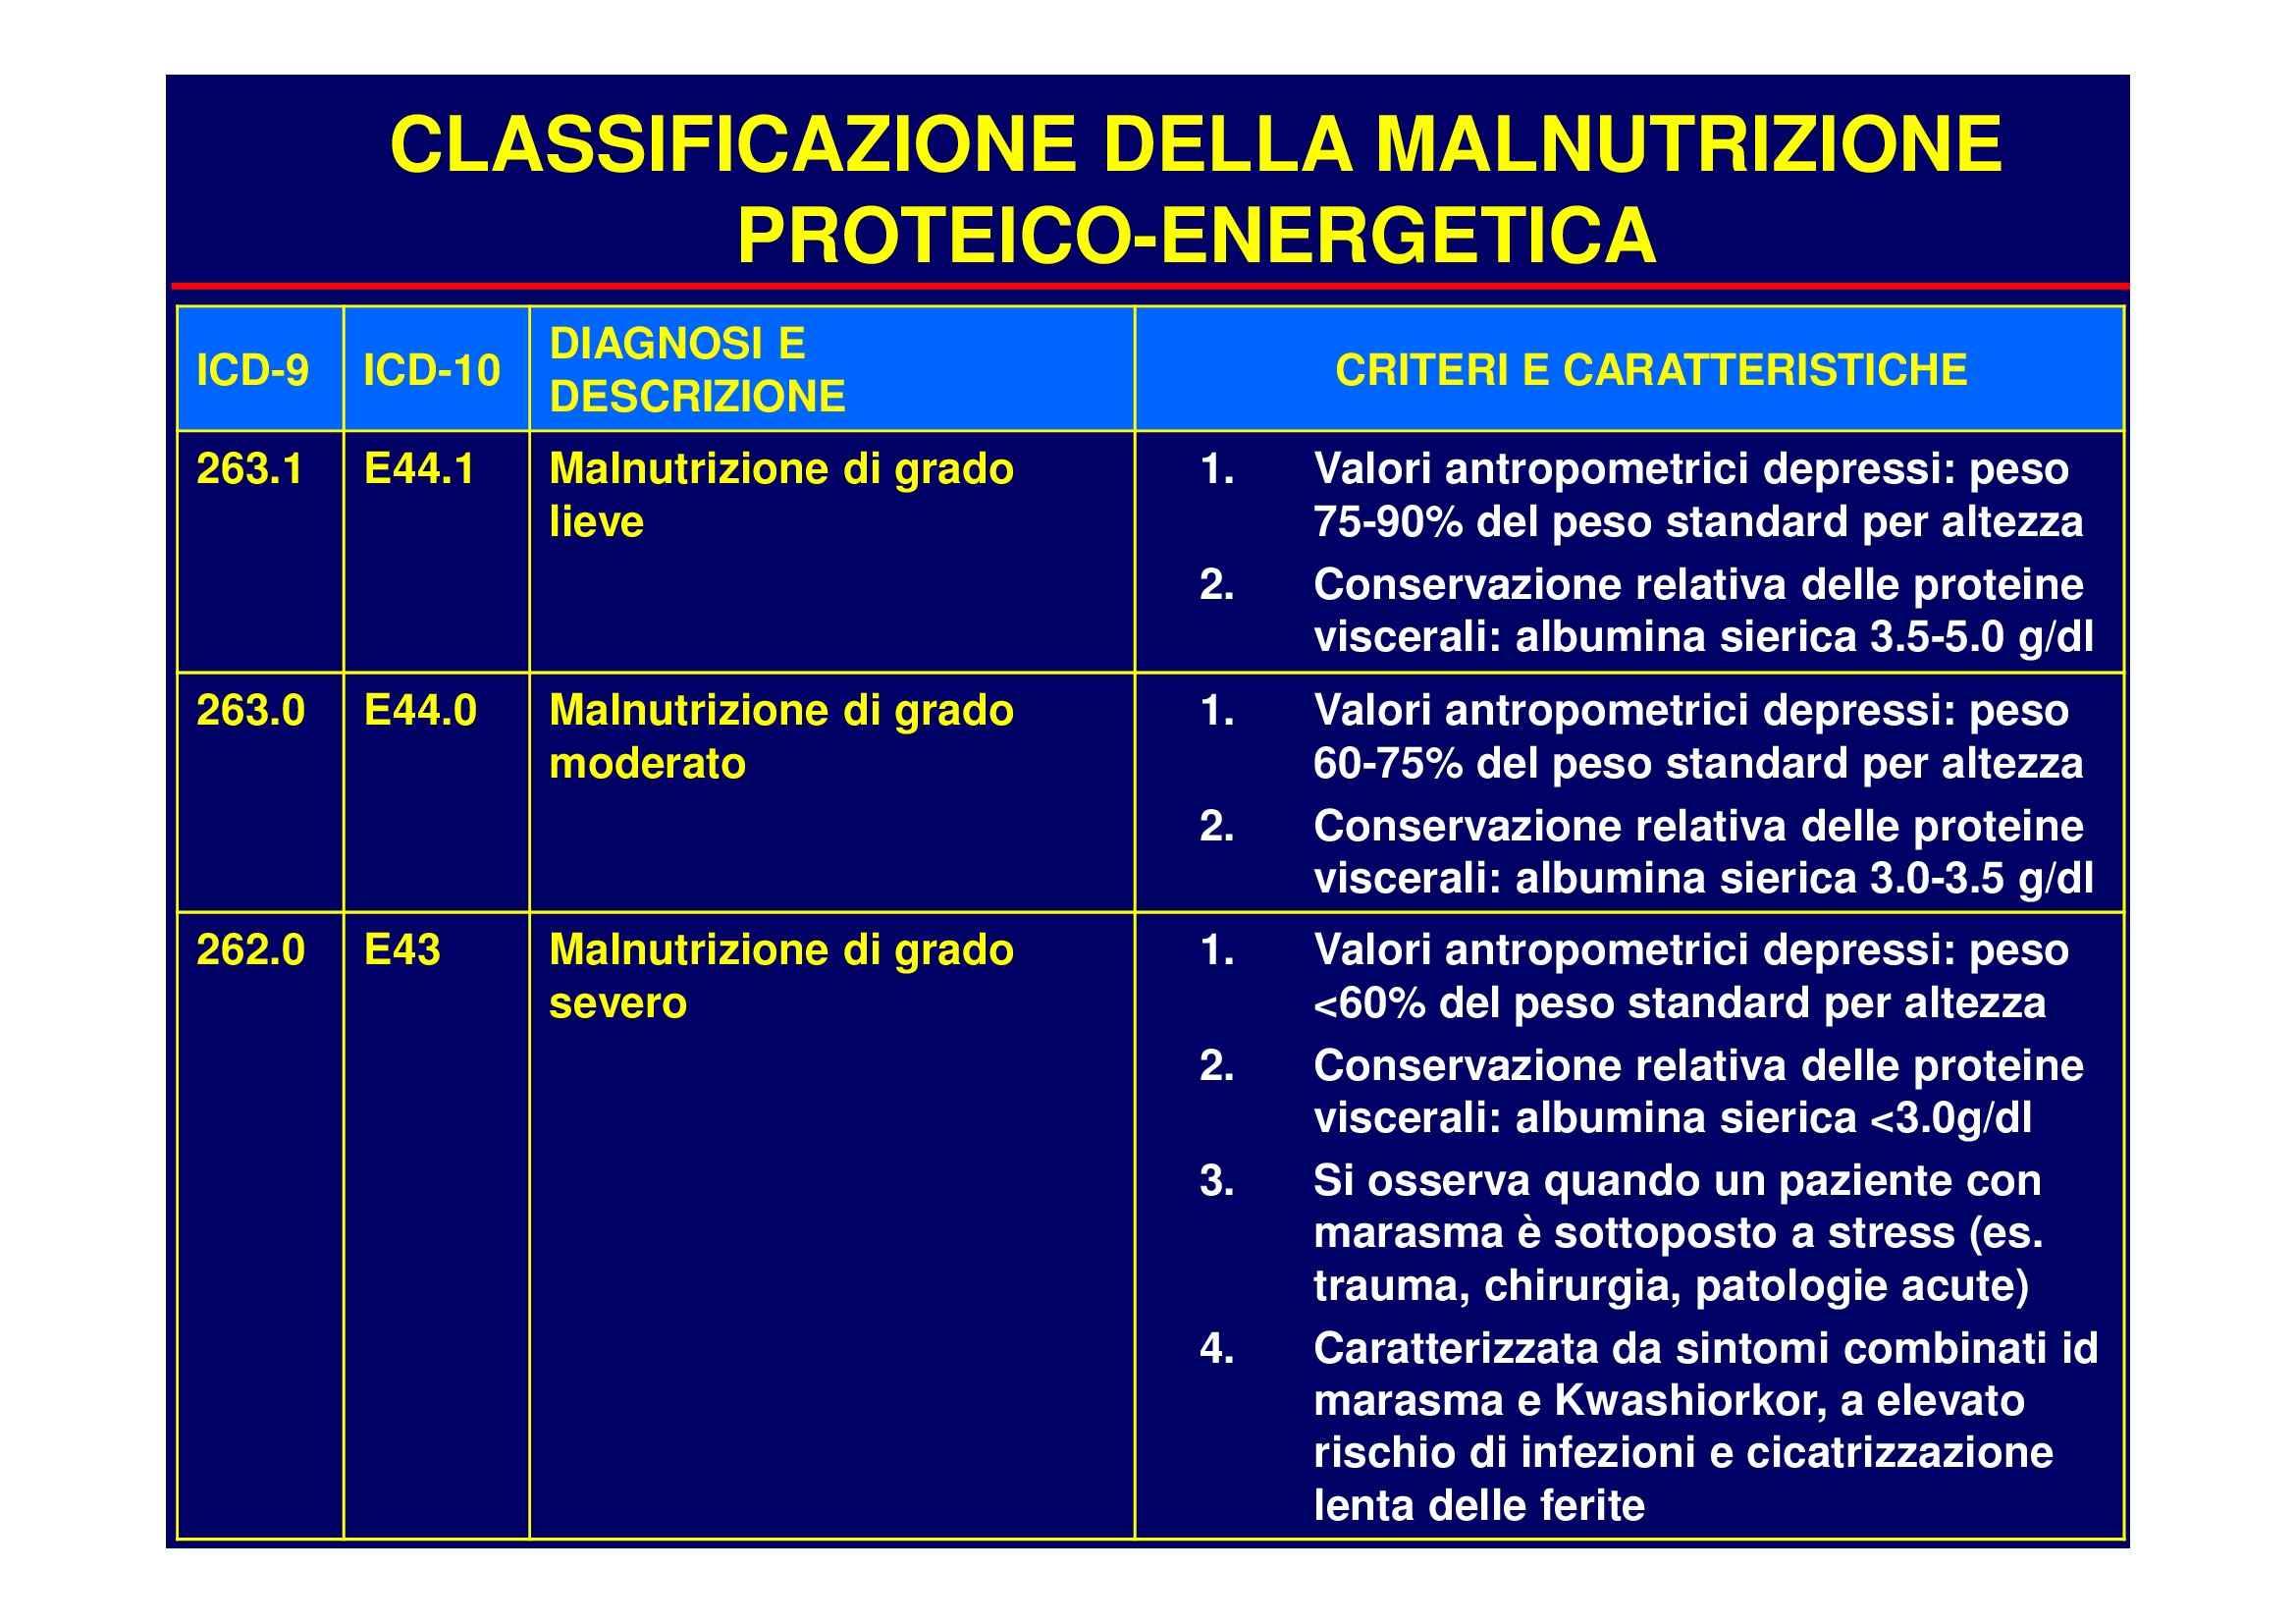 Nutrizione clinica - la classificazione sulla malnutrizione